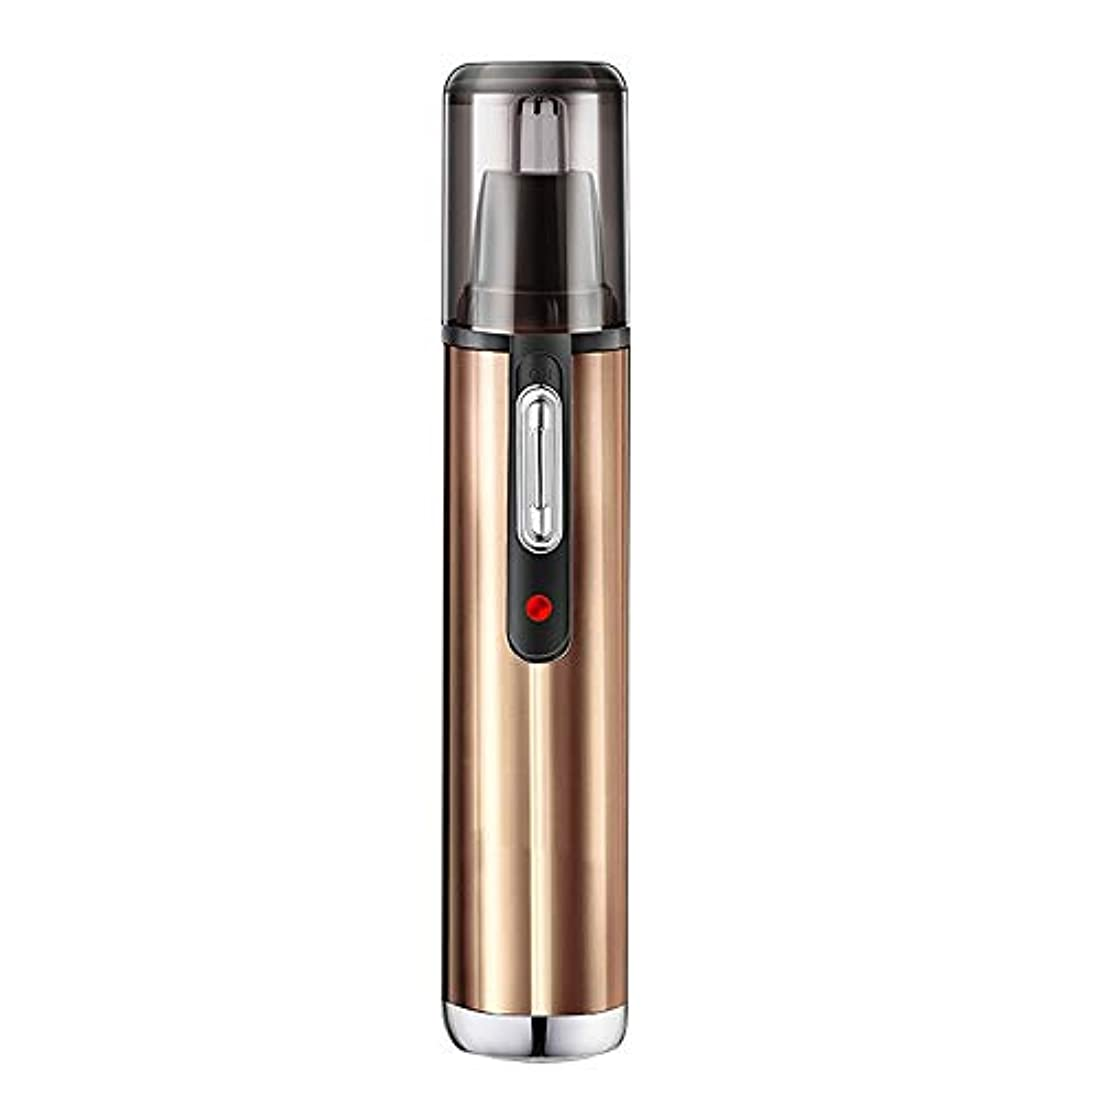 ボルト好ましい飼いならすノーズヘアトリマー/LED充電インジケータライト/内蔵360°回転カッターヘッド/ヘッドクリーニング可能/サイレントデザイン/プッシュアウト電子スイッチ/幅広いアプリケーション 持つ価値があります